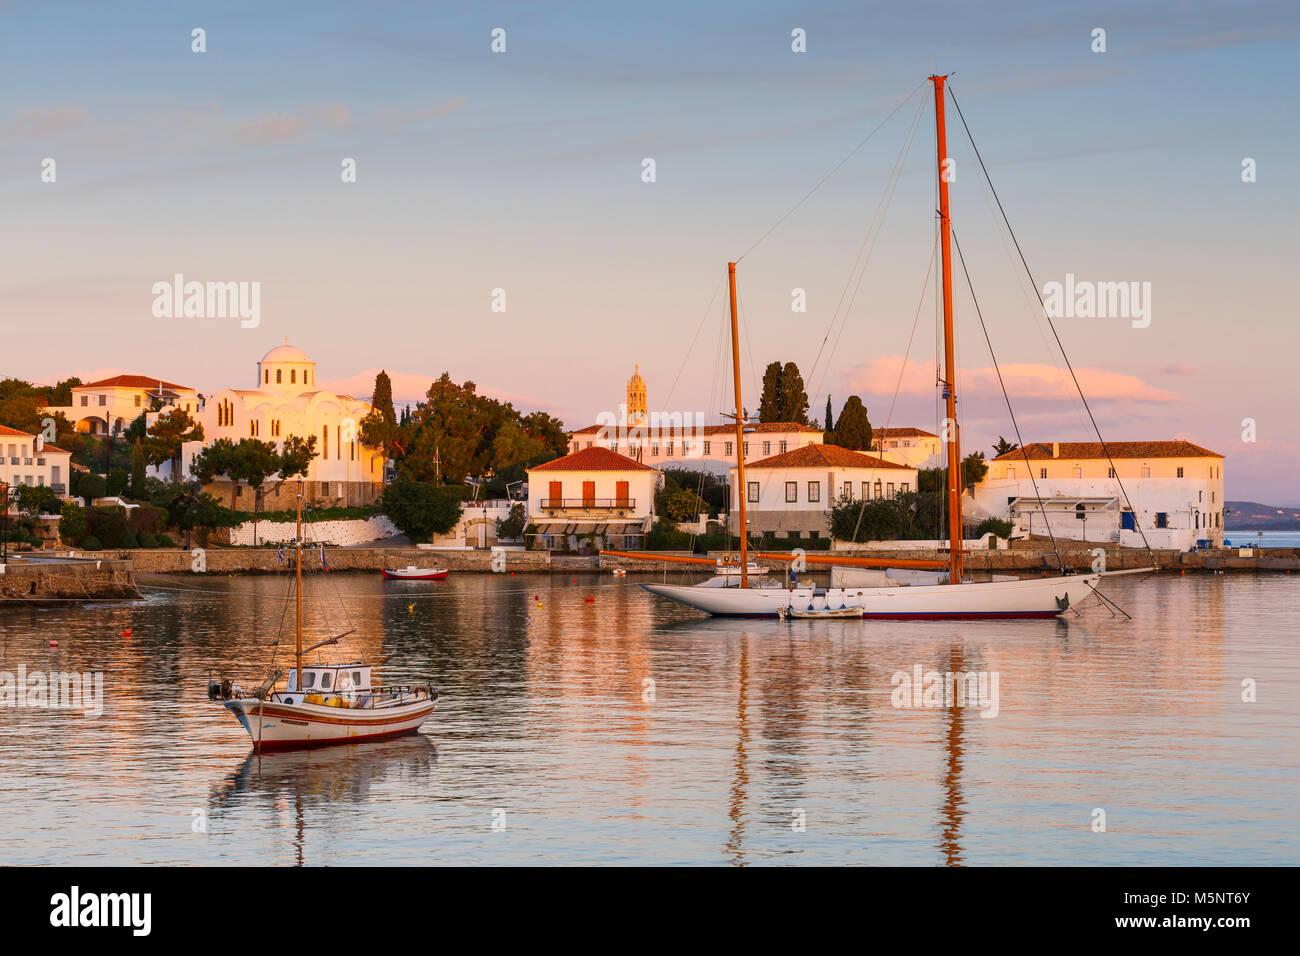 Casas en el puerto de Spetses, Grecia. Imagen De Stock